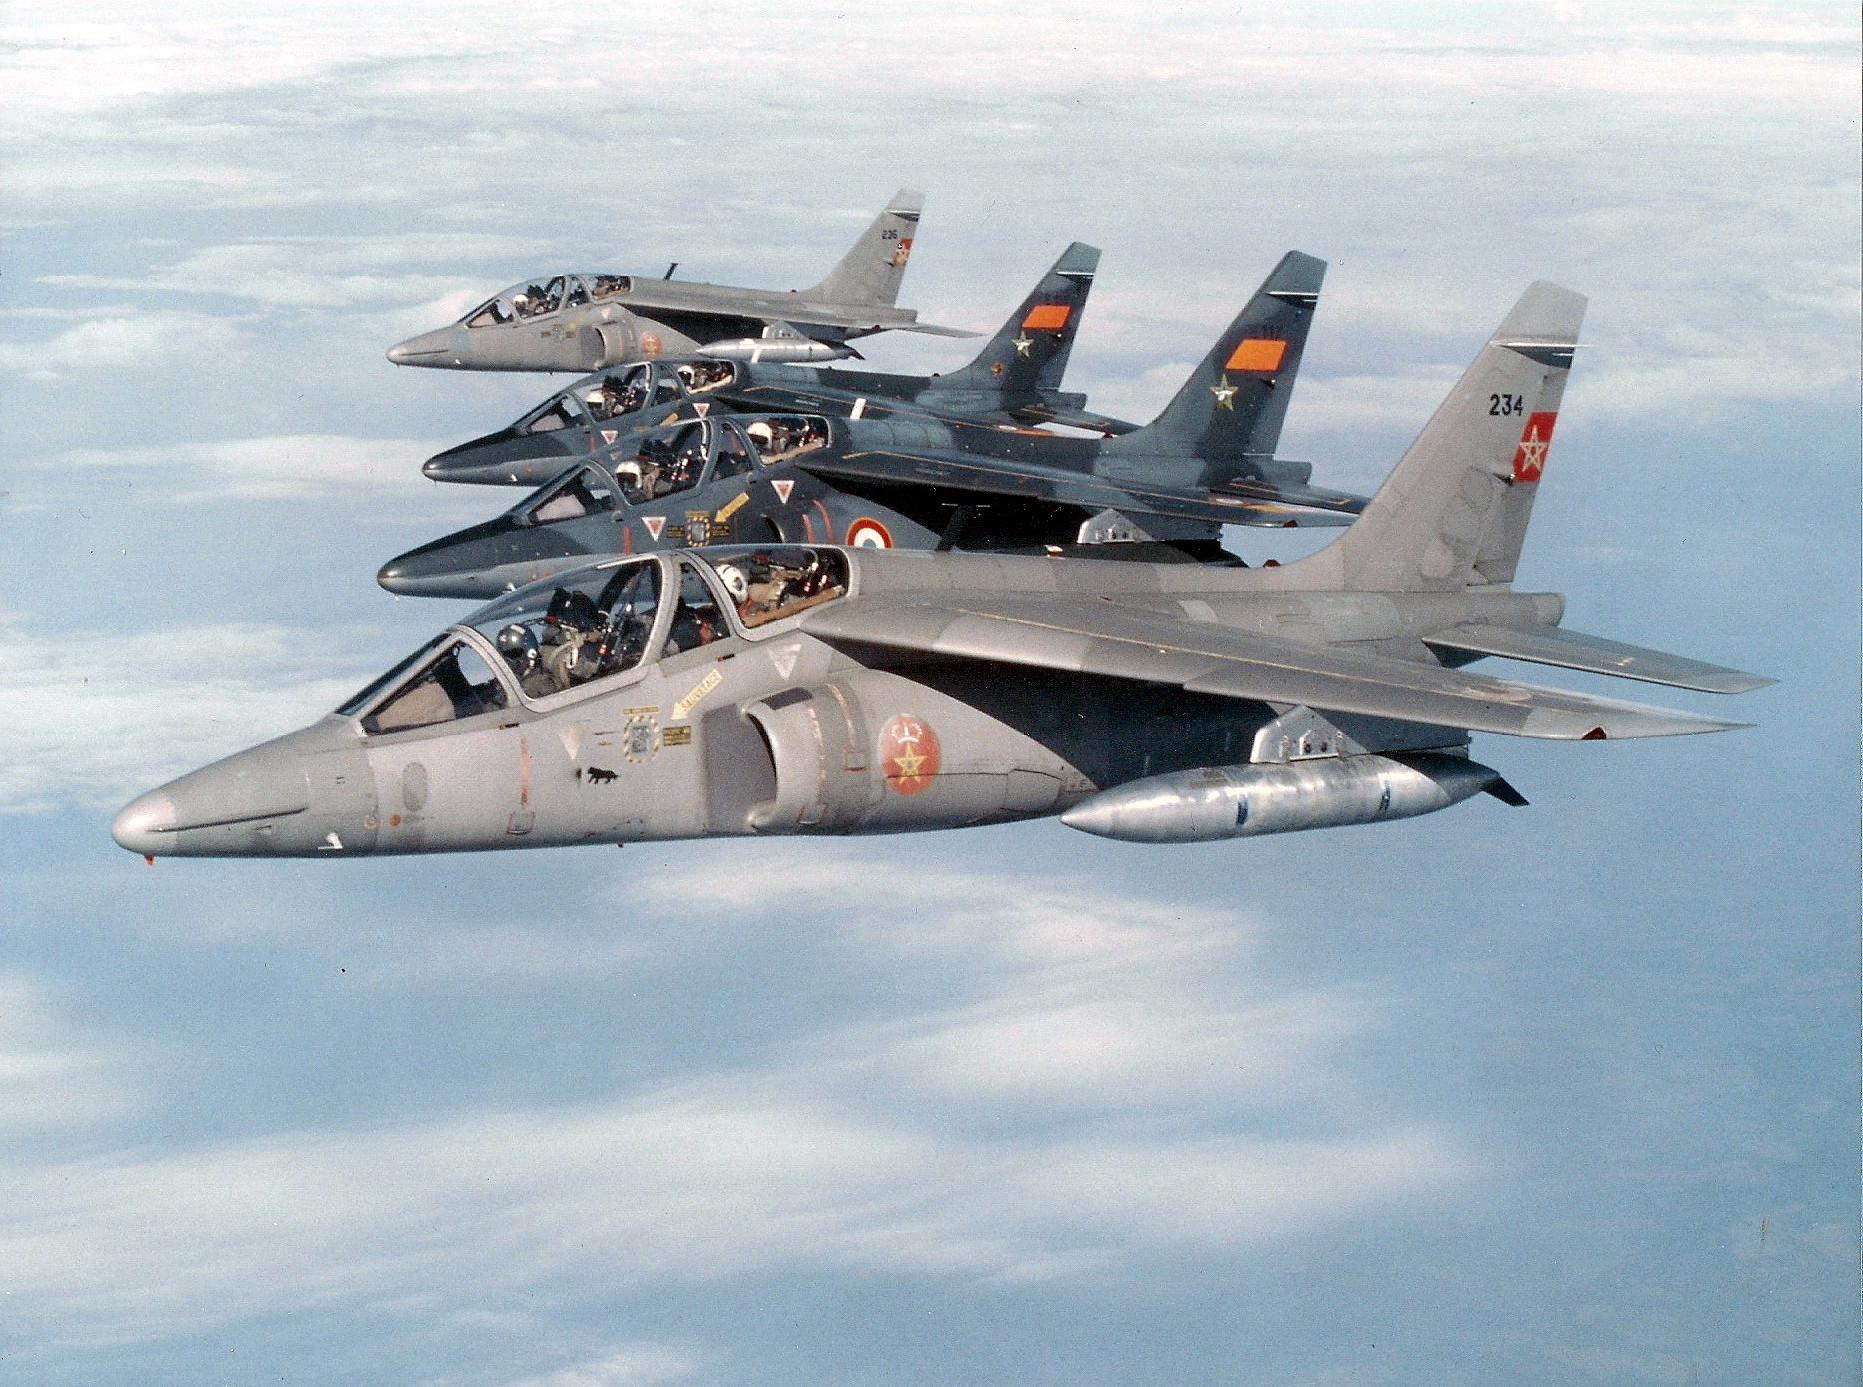 FRA: Photos avions d'entrainement et anti insurrection - Page 9 48921244738_ea586ffda3_k